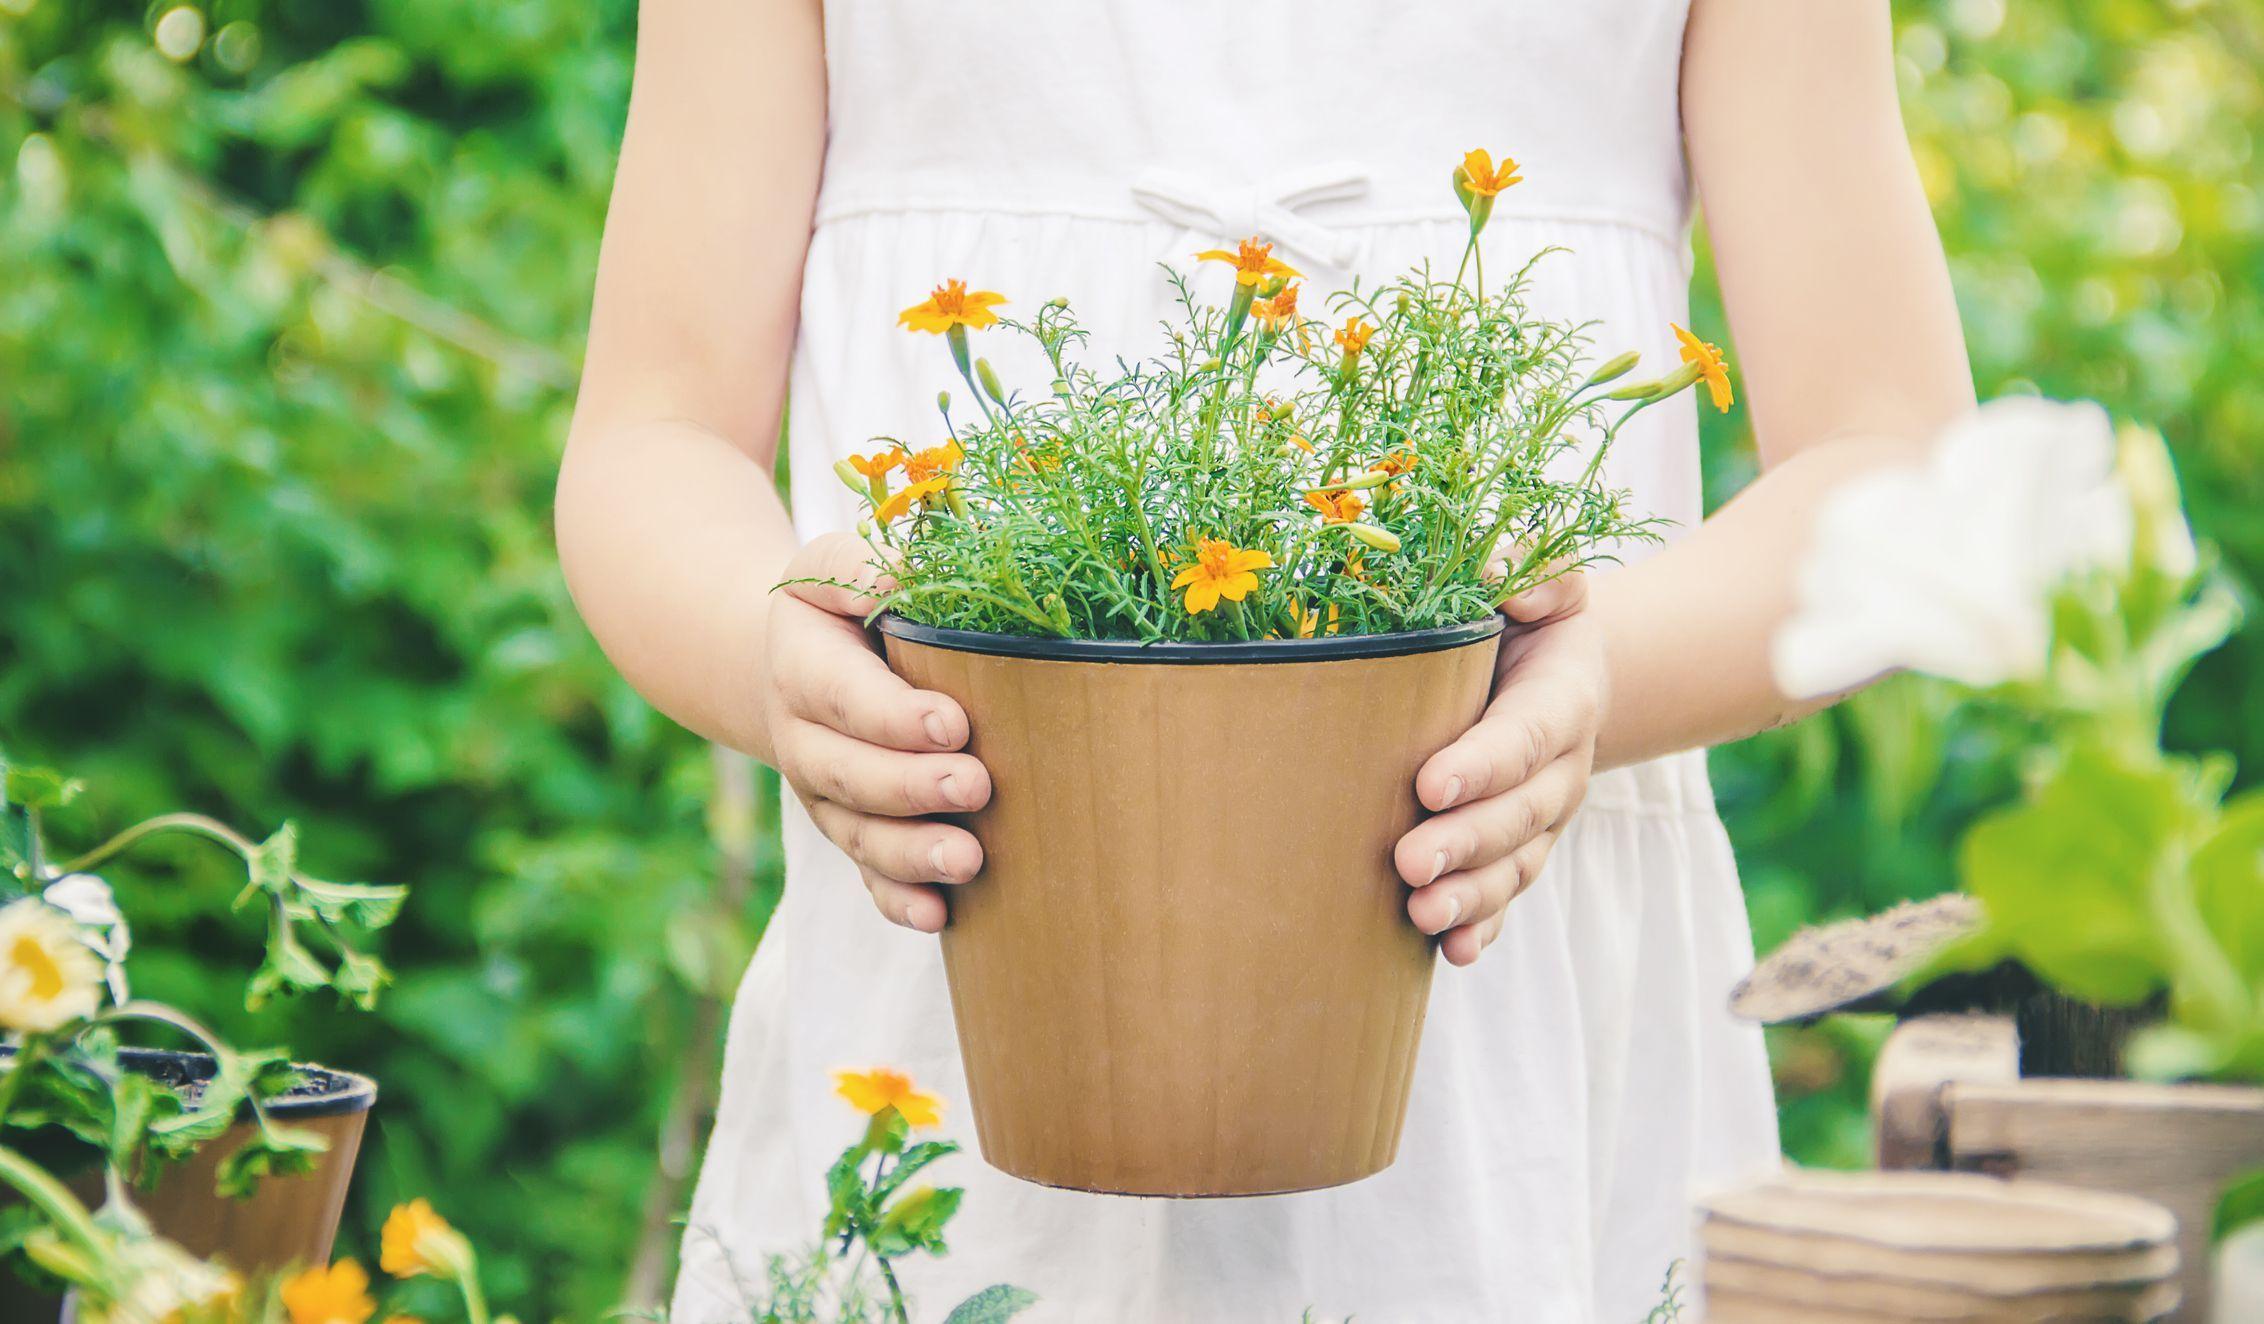 The 8 Best Self-Watering Planters of 2020 #selfwatering